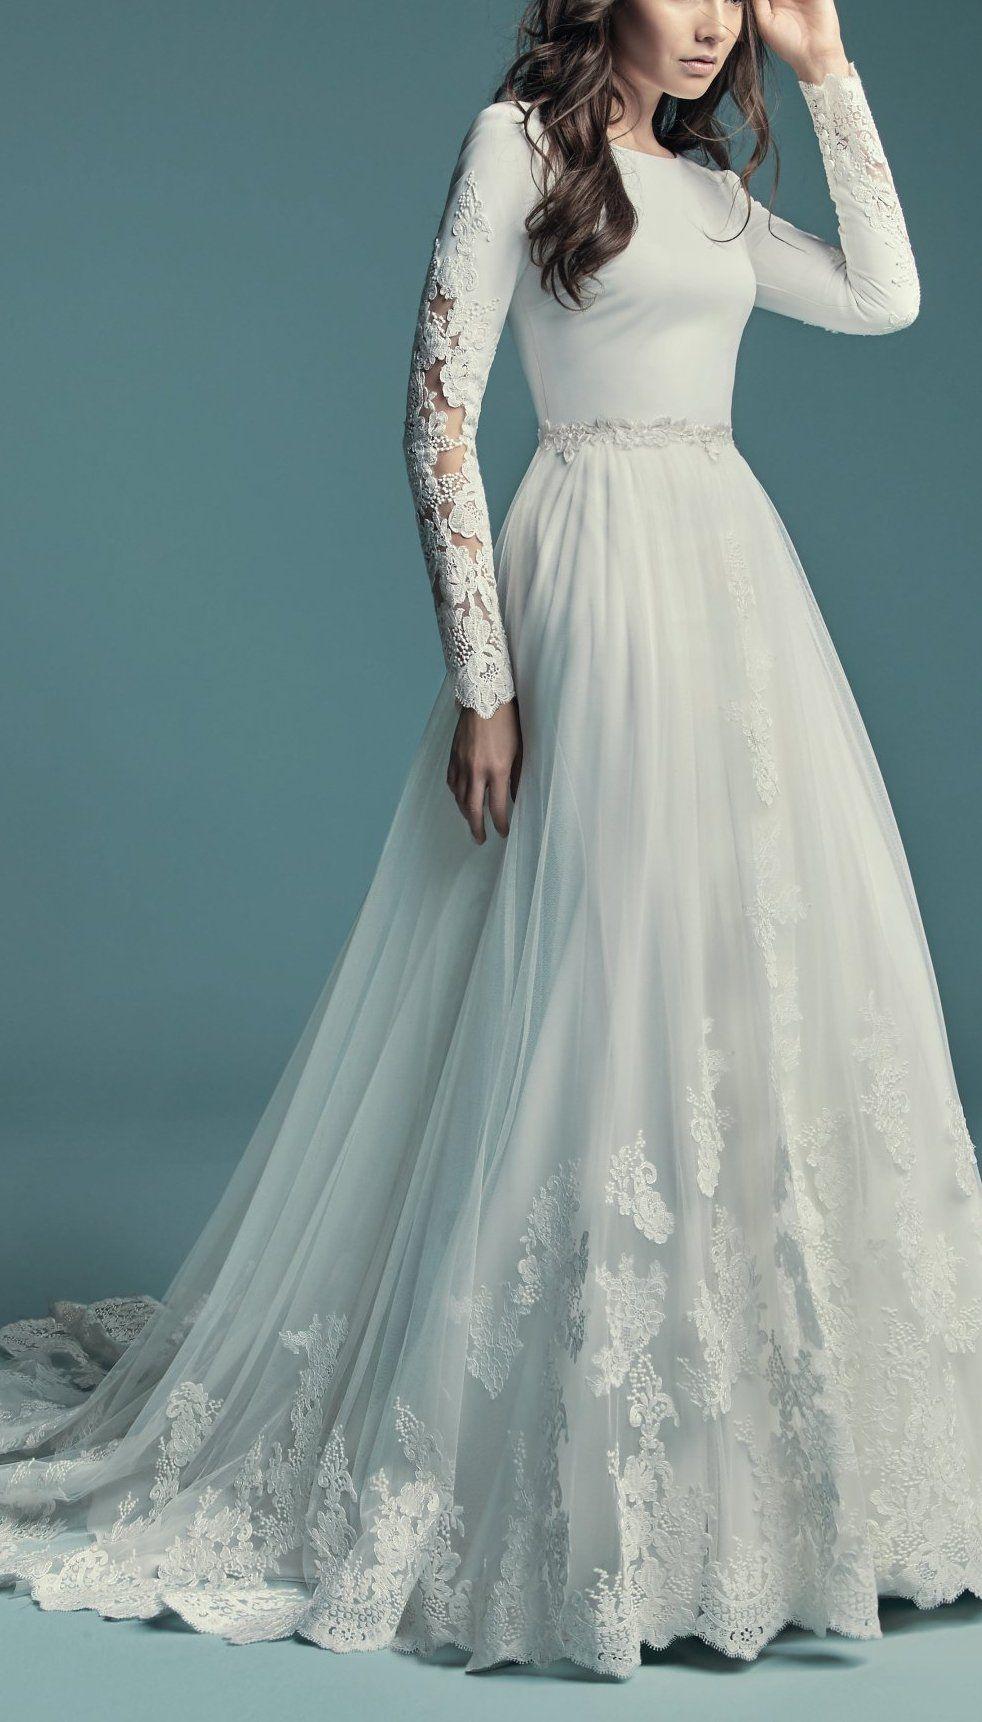 Favorite Sleeved Wedding Dresses Sleeved Wedding Ball Gowns Wedding Wedding Dress Long Sleeve [ 1722 x 982 Pixel ]